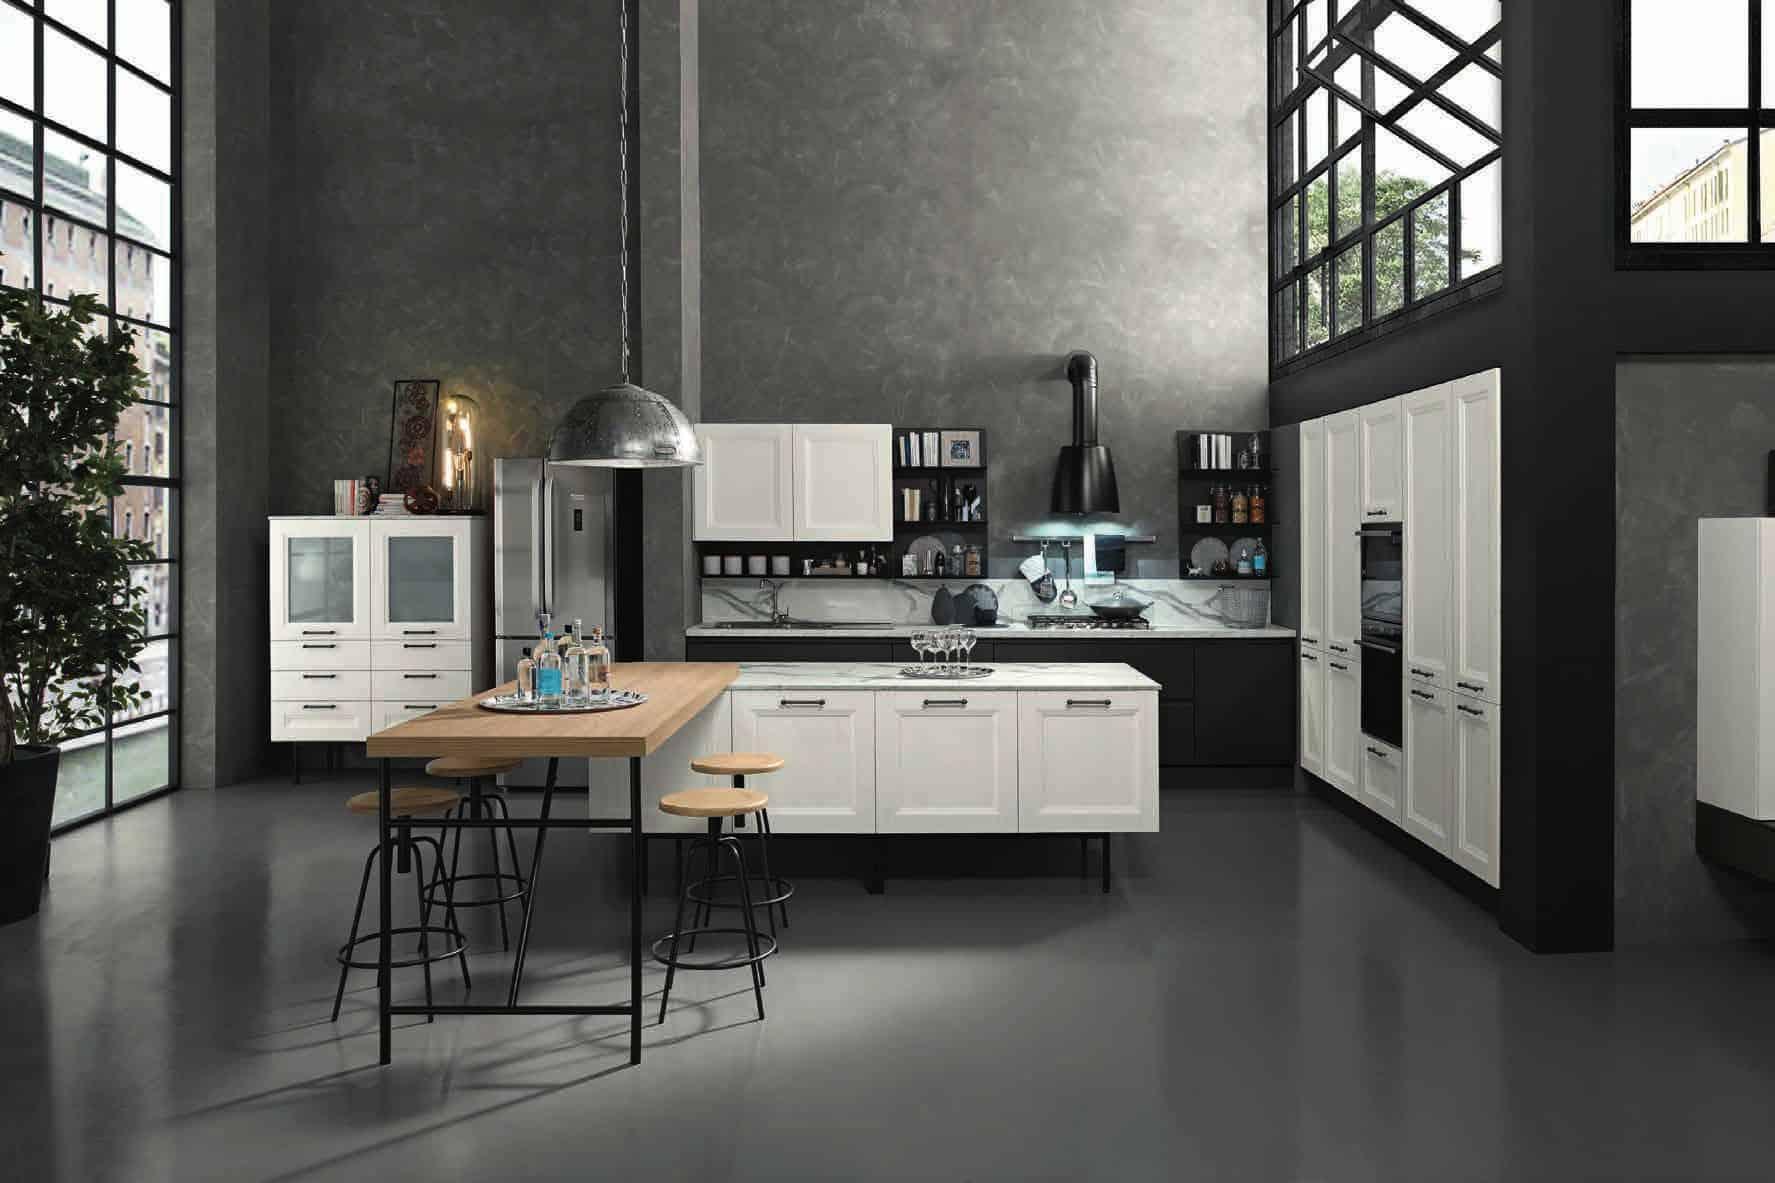 Κουζίνα Lamitex σε λευκο χρωματισμο και παγκο υφη μαρμαρου calacatta